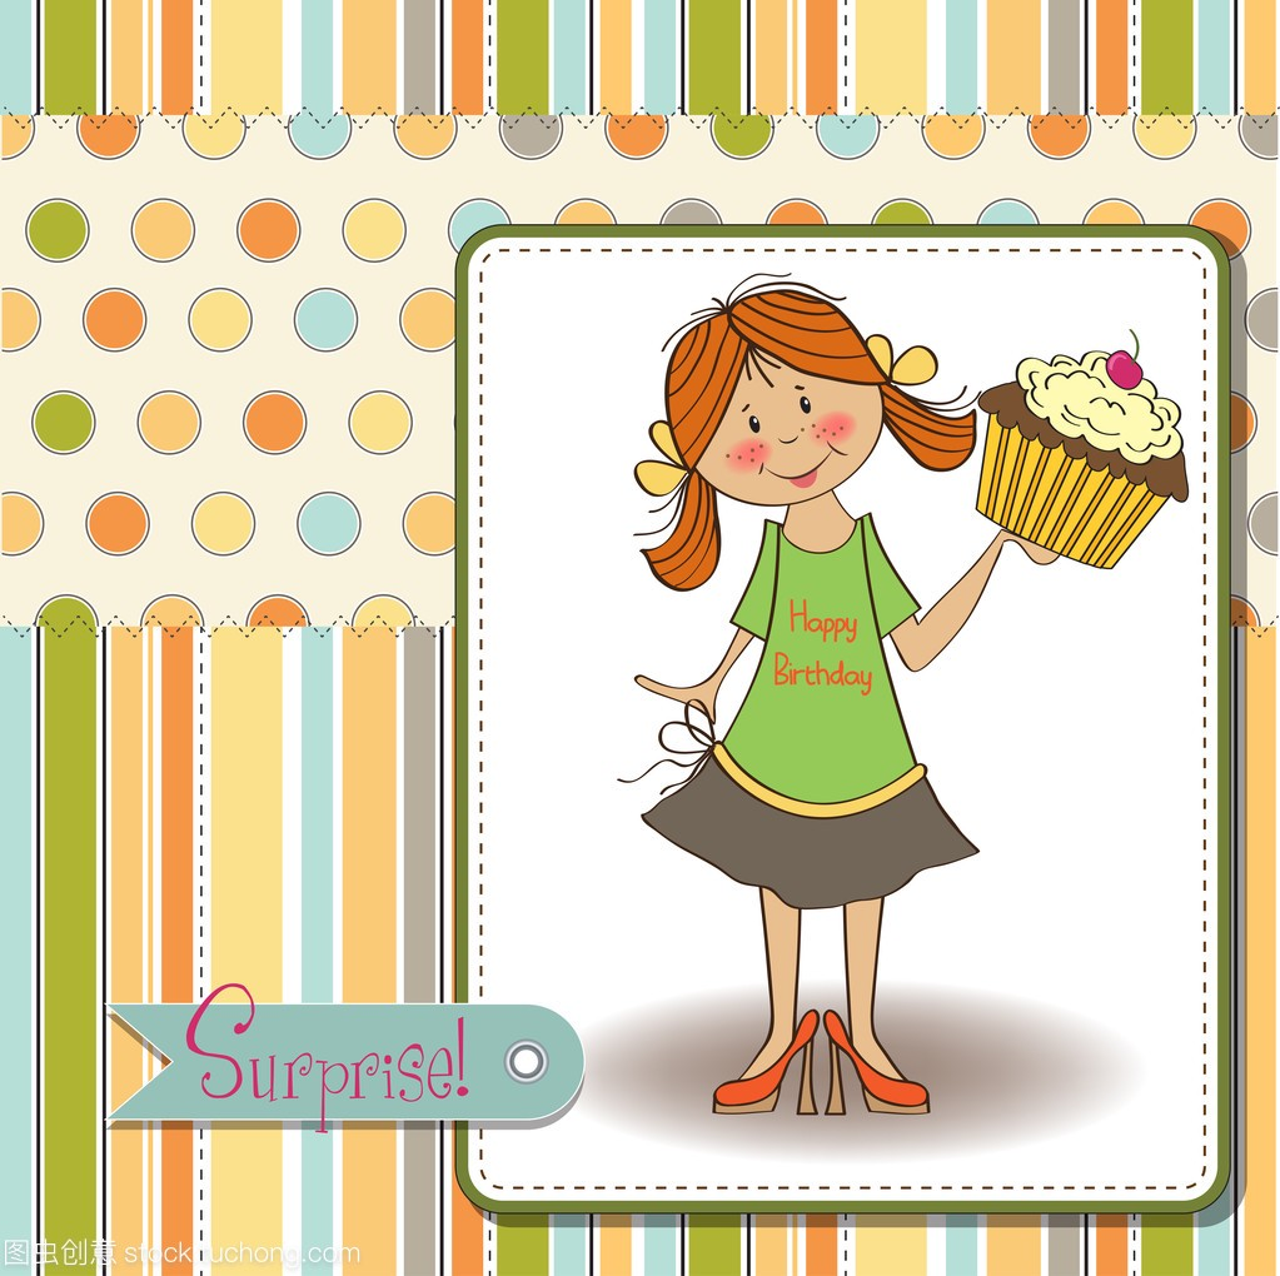 与女孩和大小说生日贺卡女生蛋糕异能都市图片